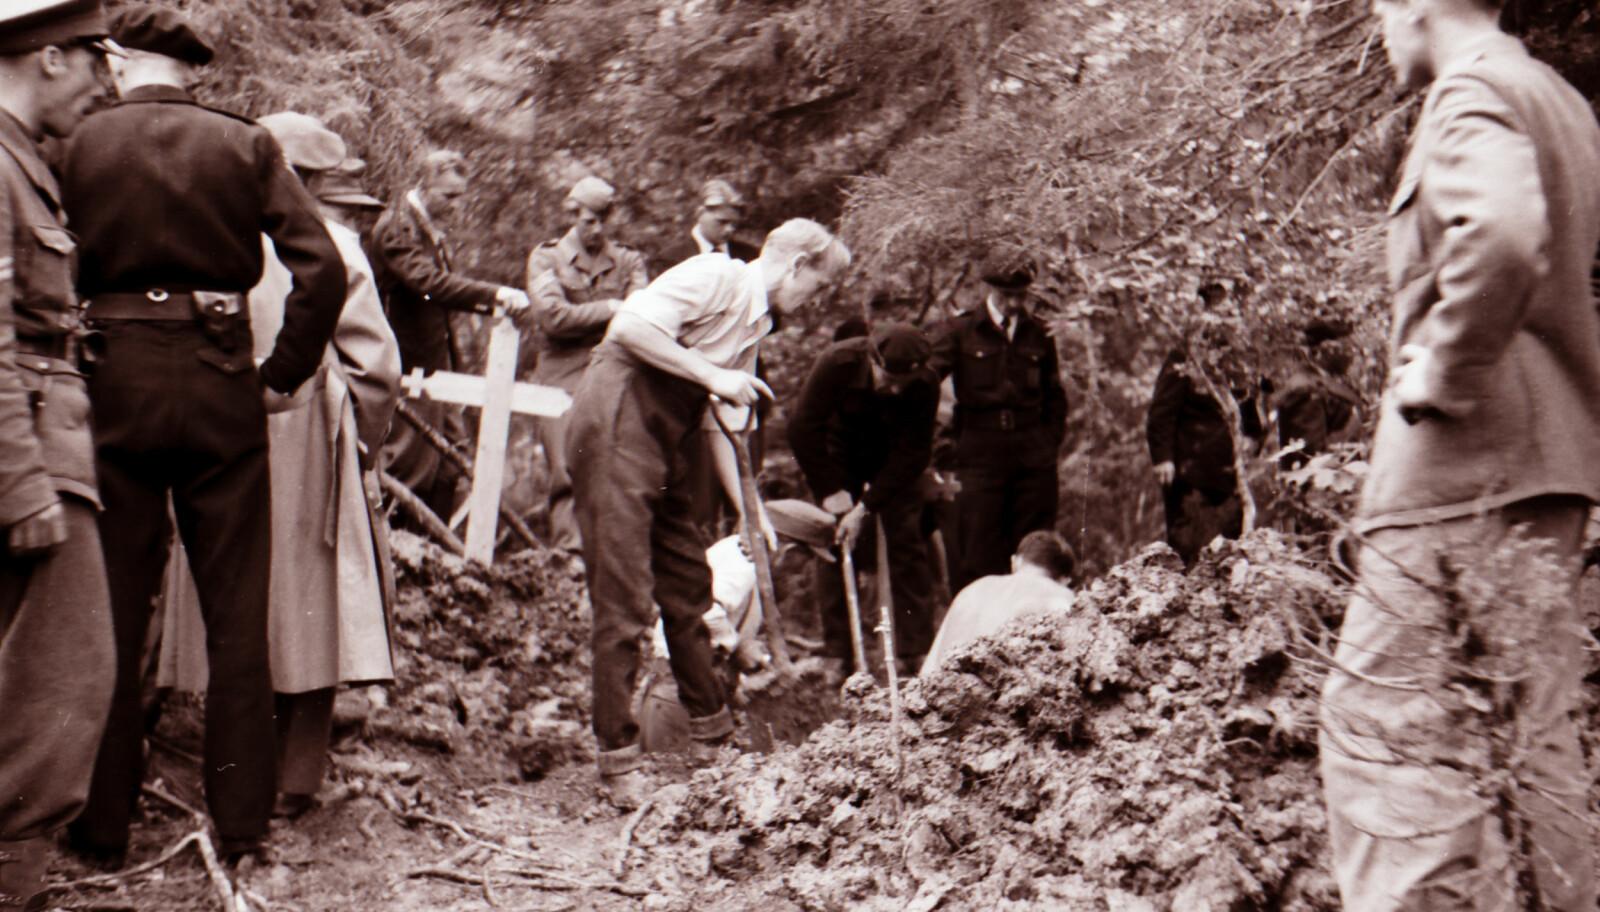 <b>ÅPNET GRAVENE: </b>Da krigen var over åpnet man de gravene man fant igjen i Falstadskogen, over 200 menn ble henrettet her.